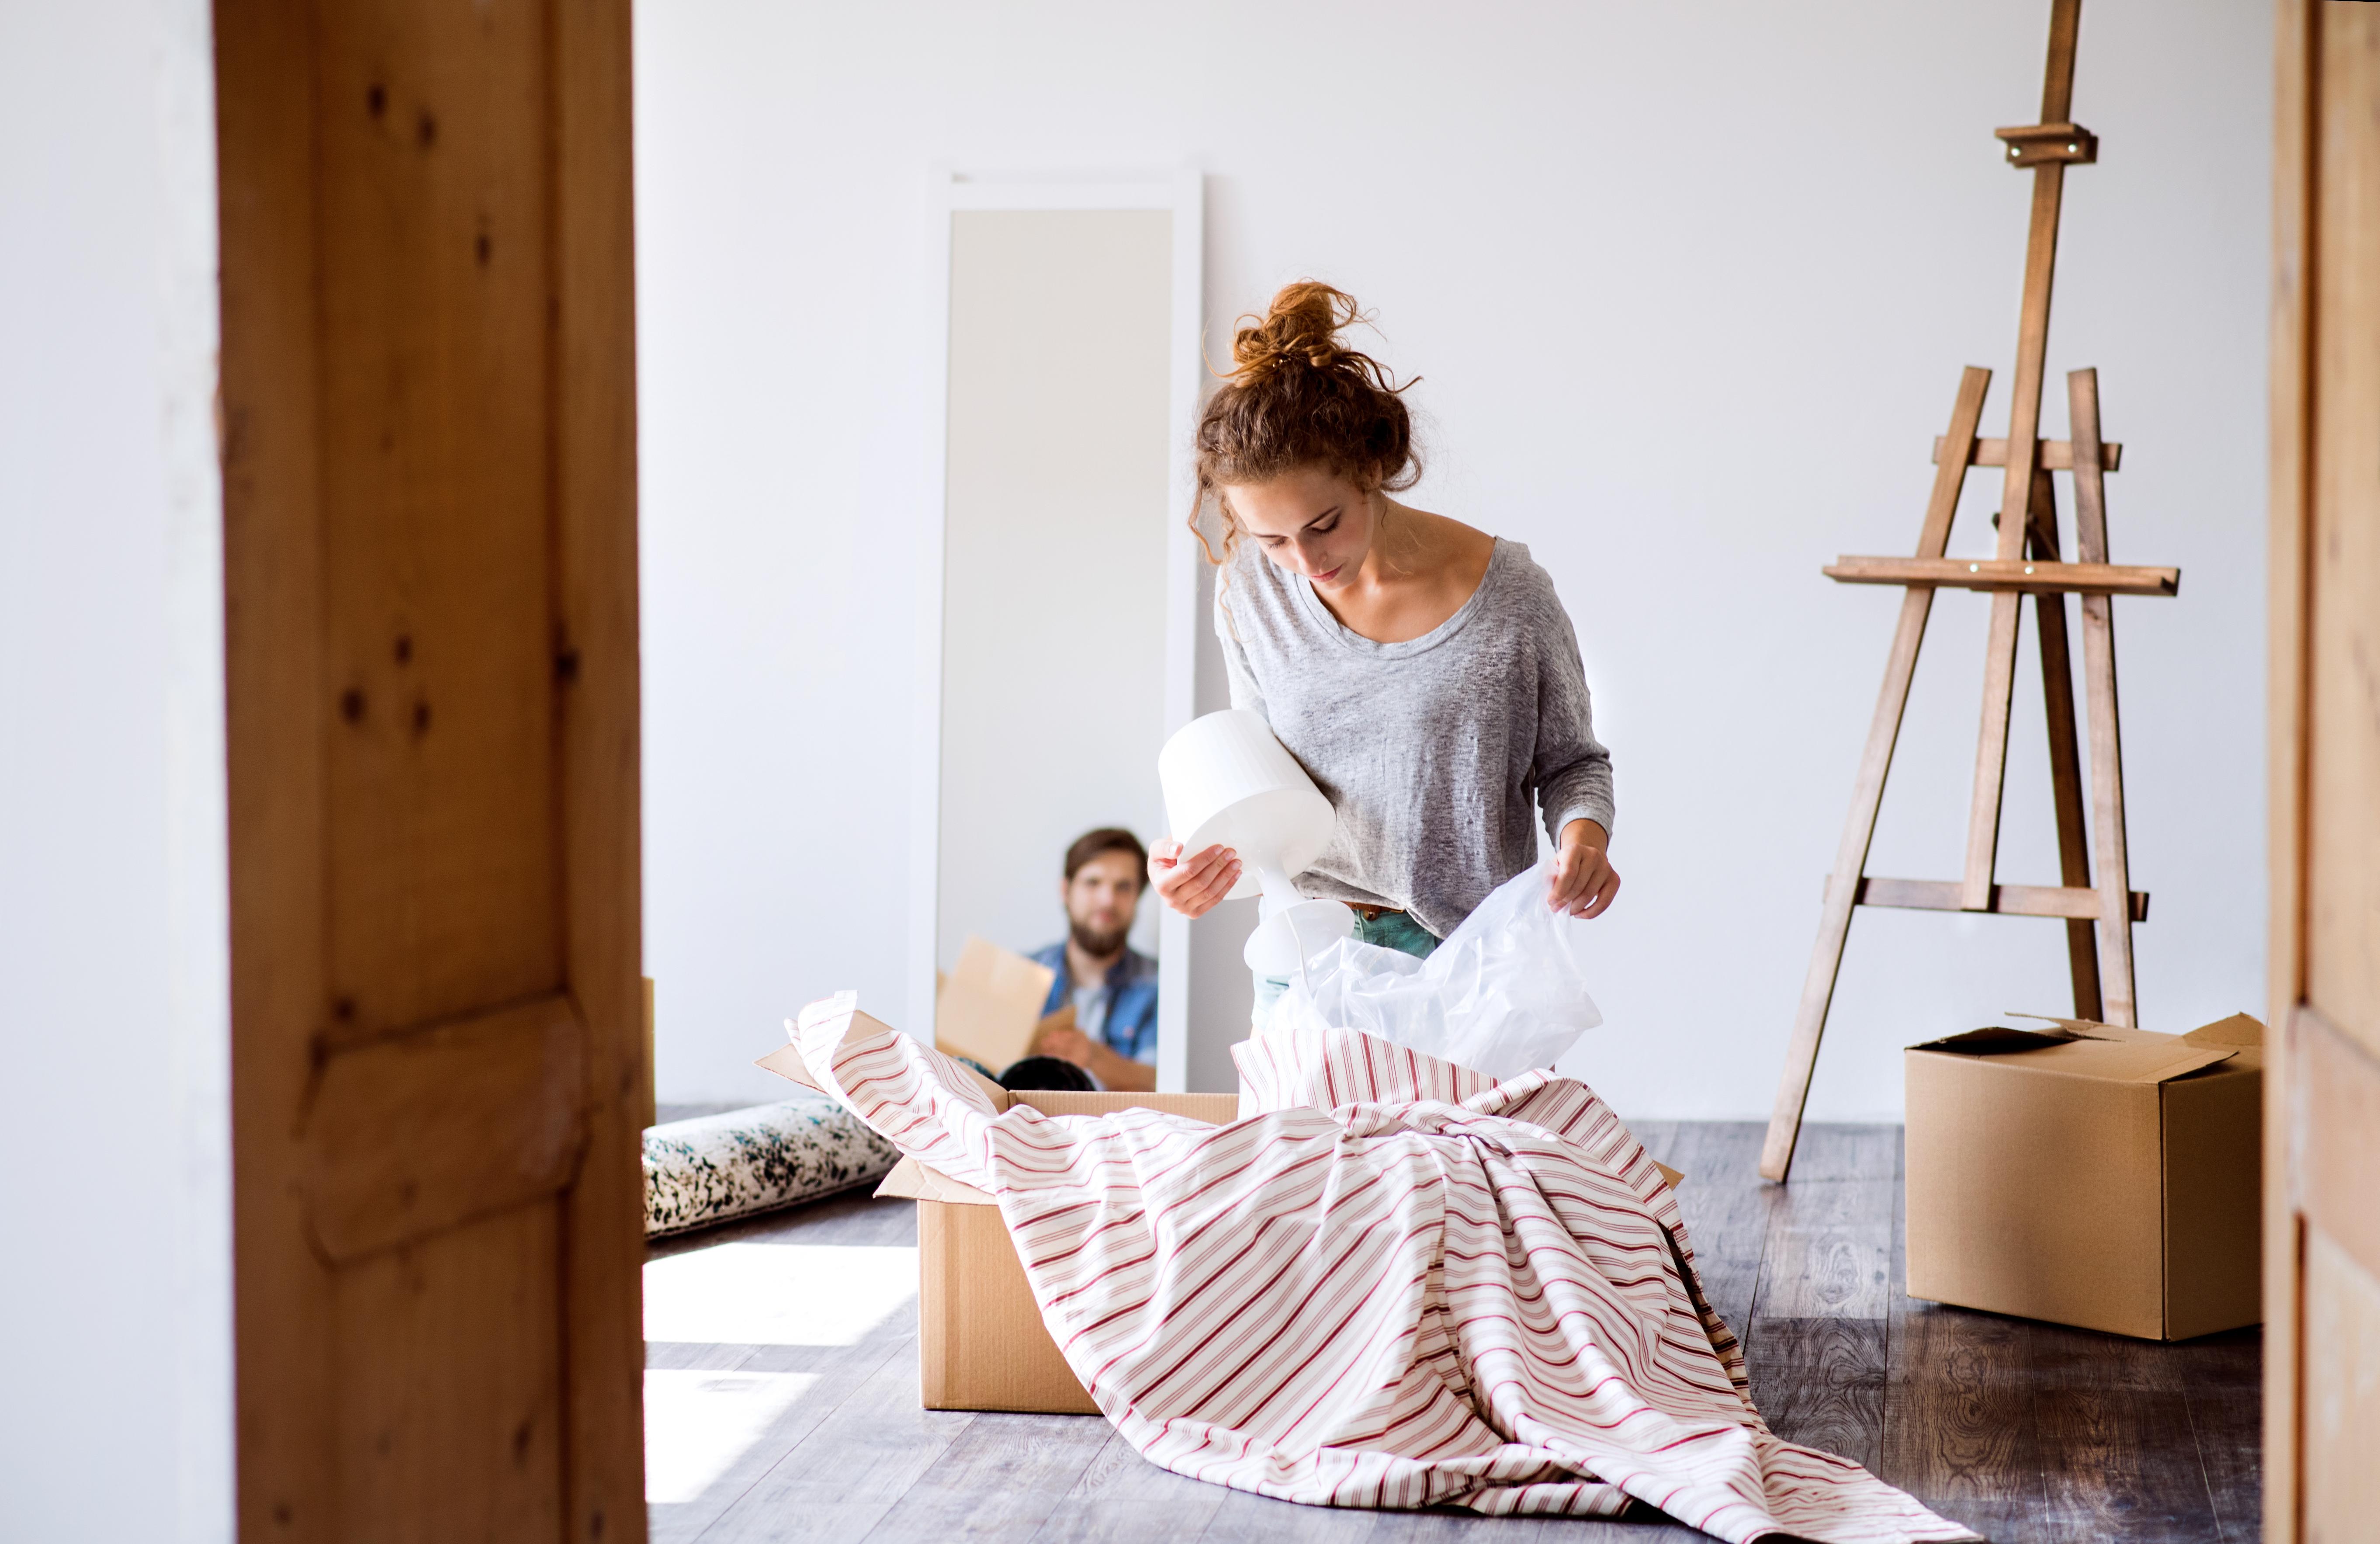 Miljöombyten som att flytta eller åka på en resa kan leda till tillfälliga mensrubbningar.